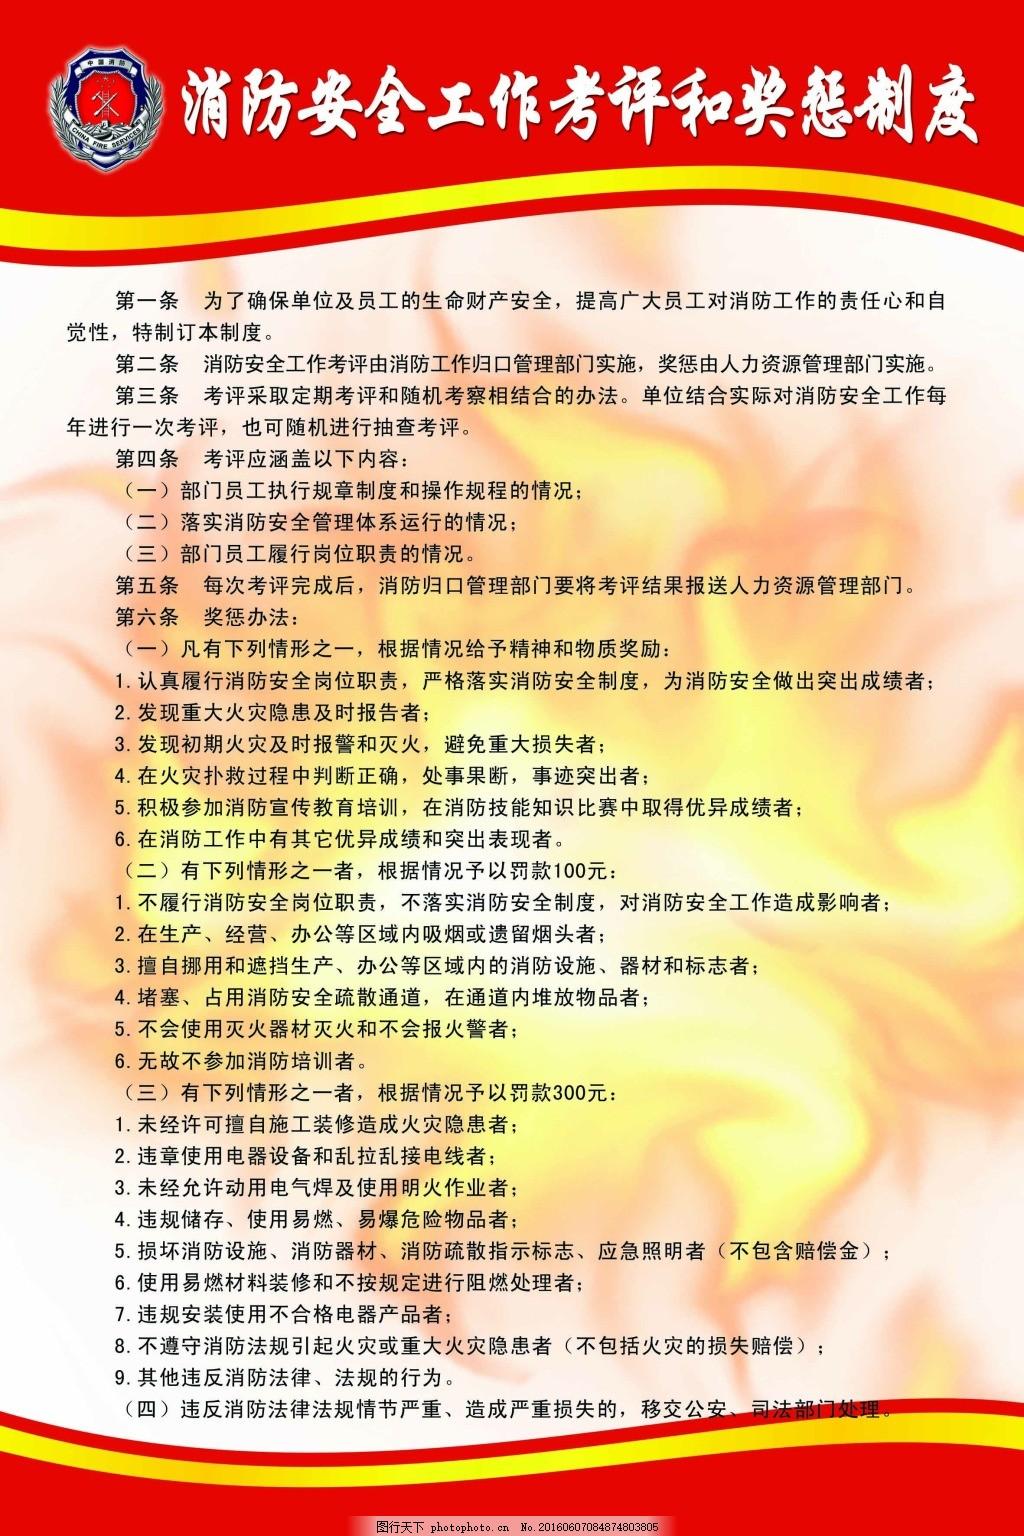 消防安全工作考评和奖惩制度